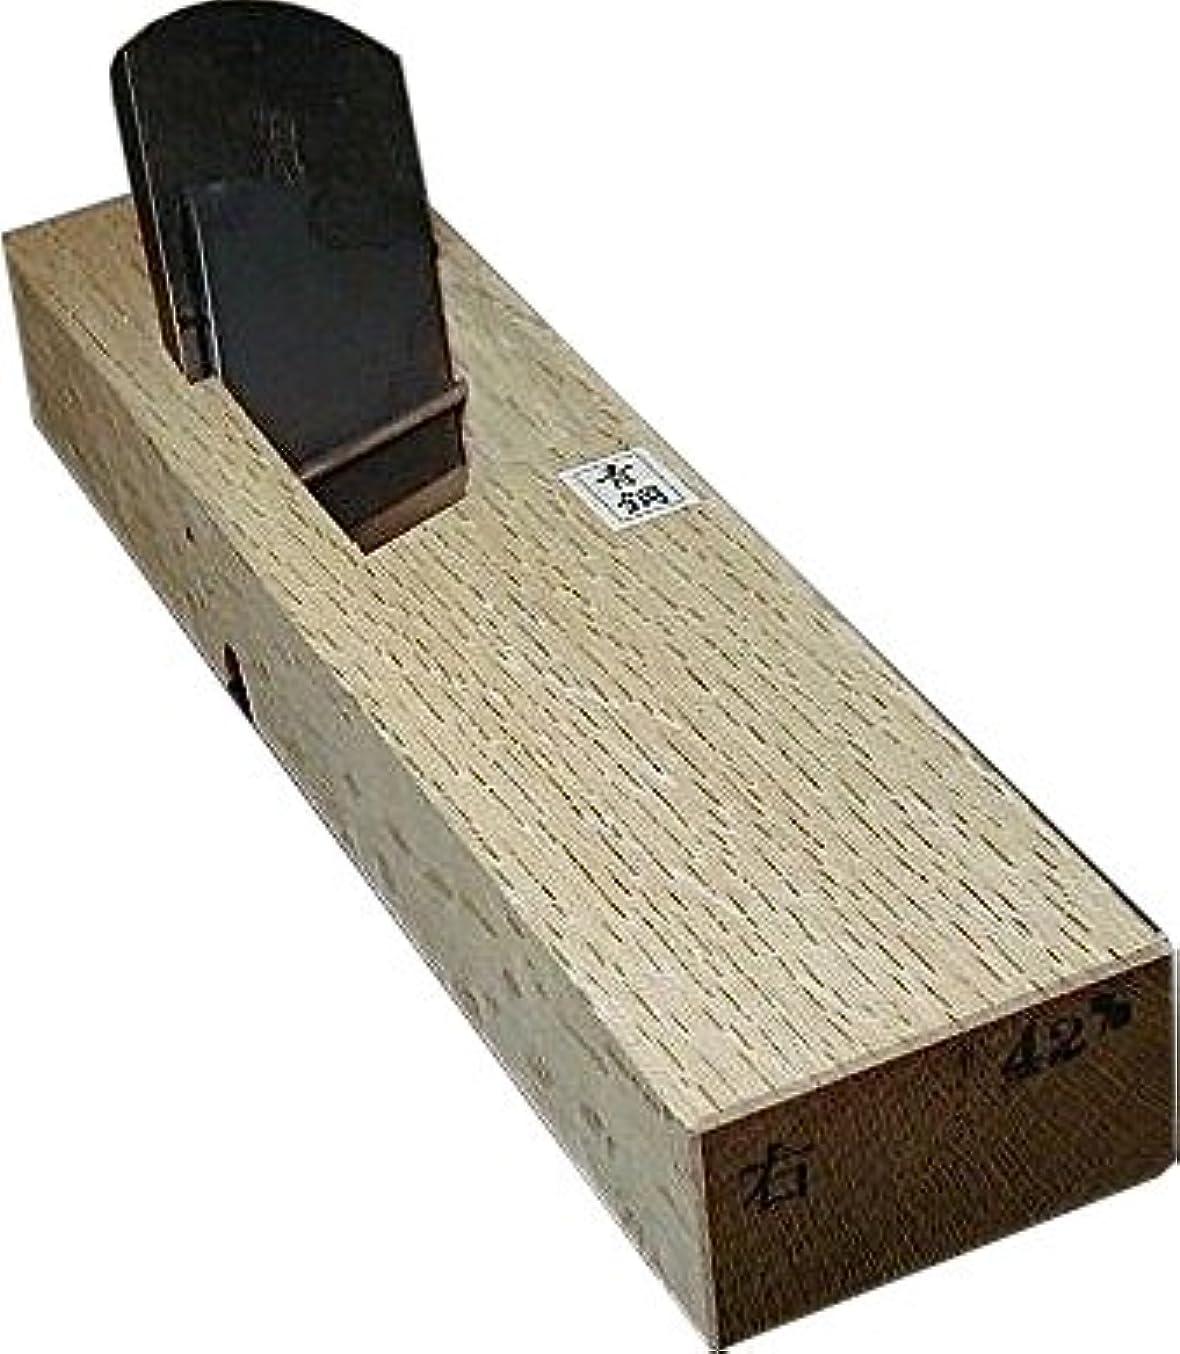 のれんレッドデート季節ammoon 凸曲面 木工プレーンカッター ブラス弦楽器製作ツール ヴァイオリン/ヴィオラ/チェロ木製の楽器